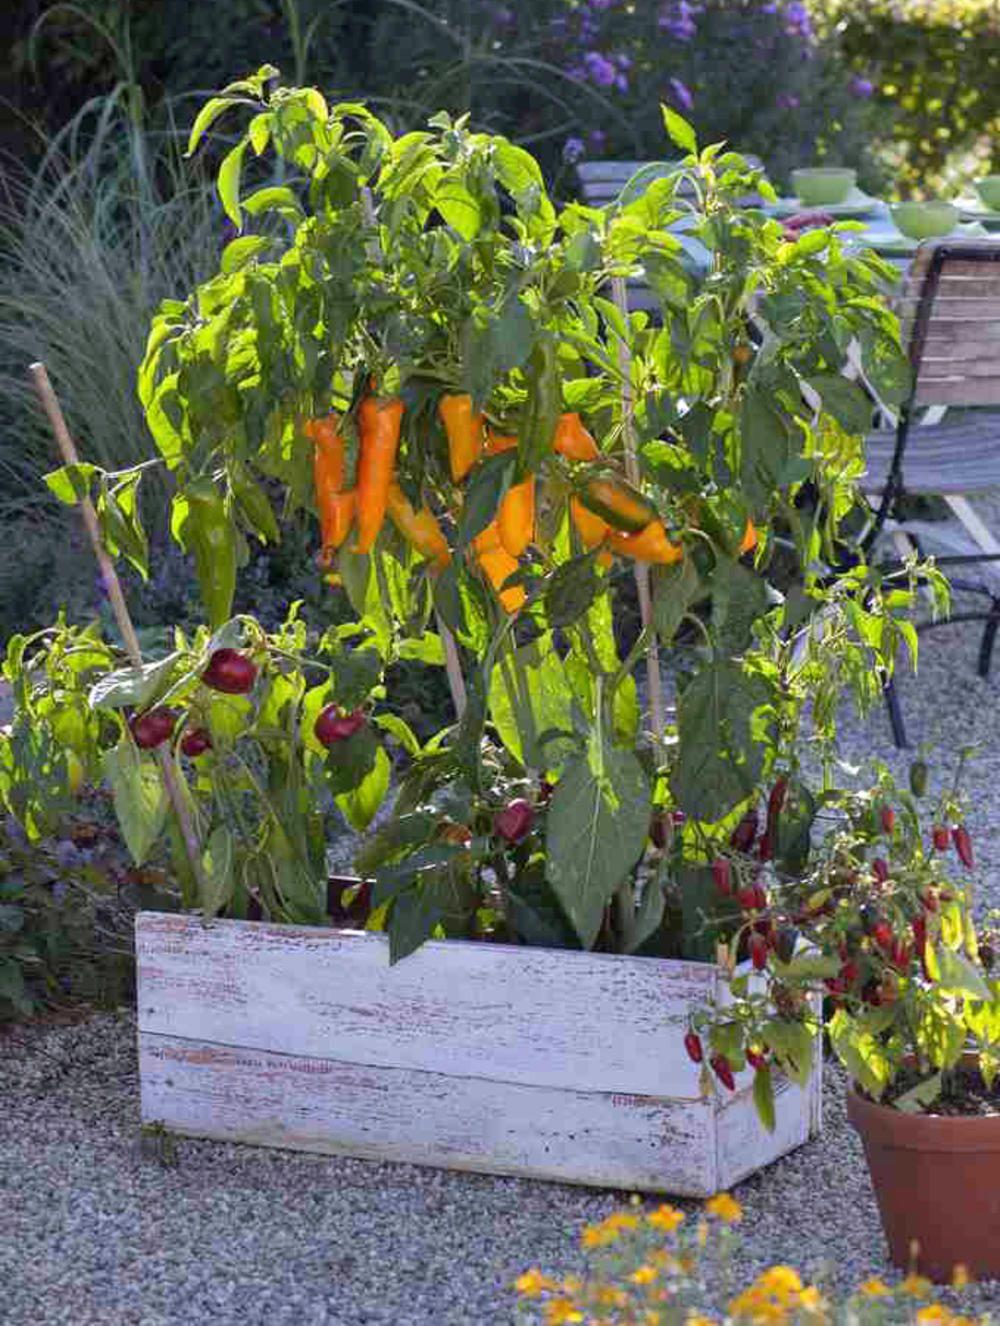 Gemuse Fur Hochbeete Diese Sorten Eignen Sich Am Besten Bepflanzung Hochbeet Garten Pflanzen